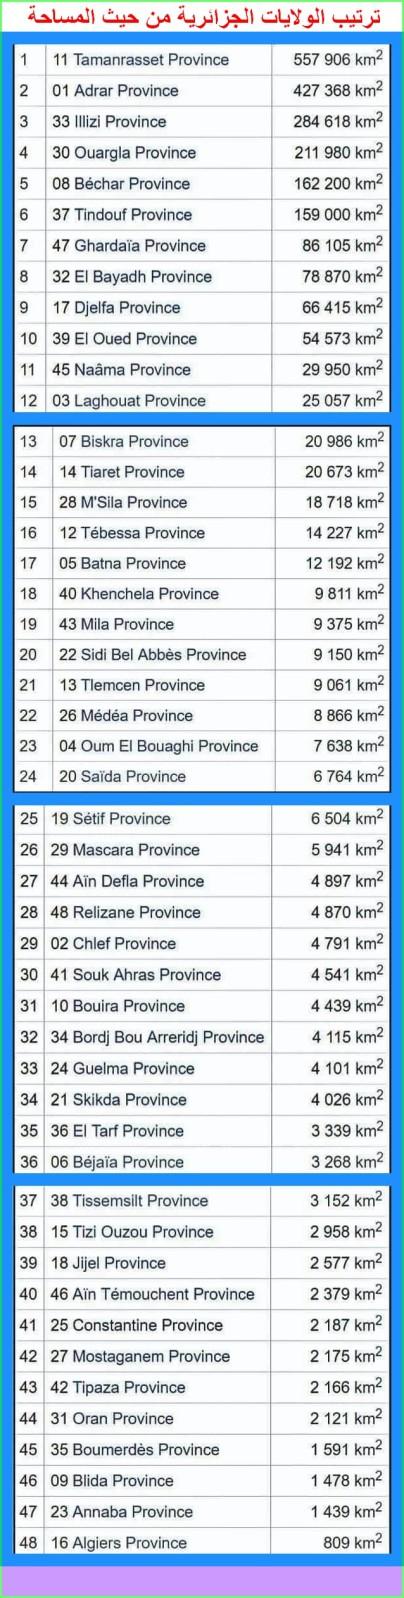 ترتيب الولايات الجزائرية من حيث المساحة W7kg41